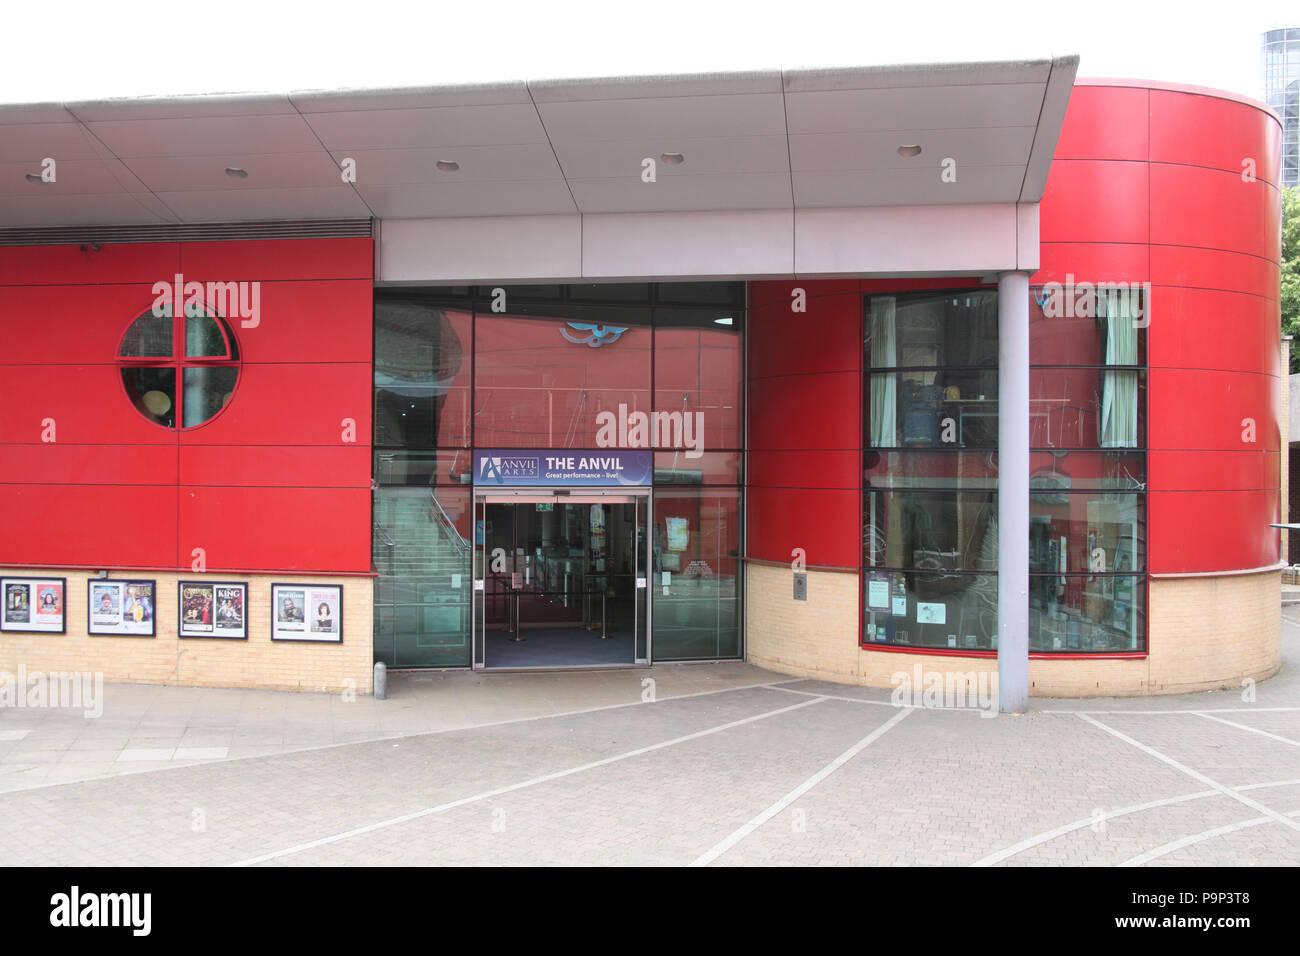 The Anvil Arts, multipurpose venue, Church Way, Basingstoke, UK. - Stock Image